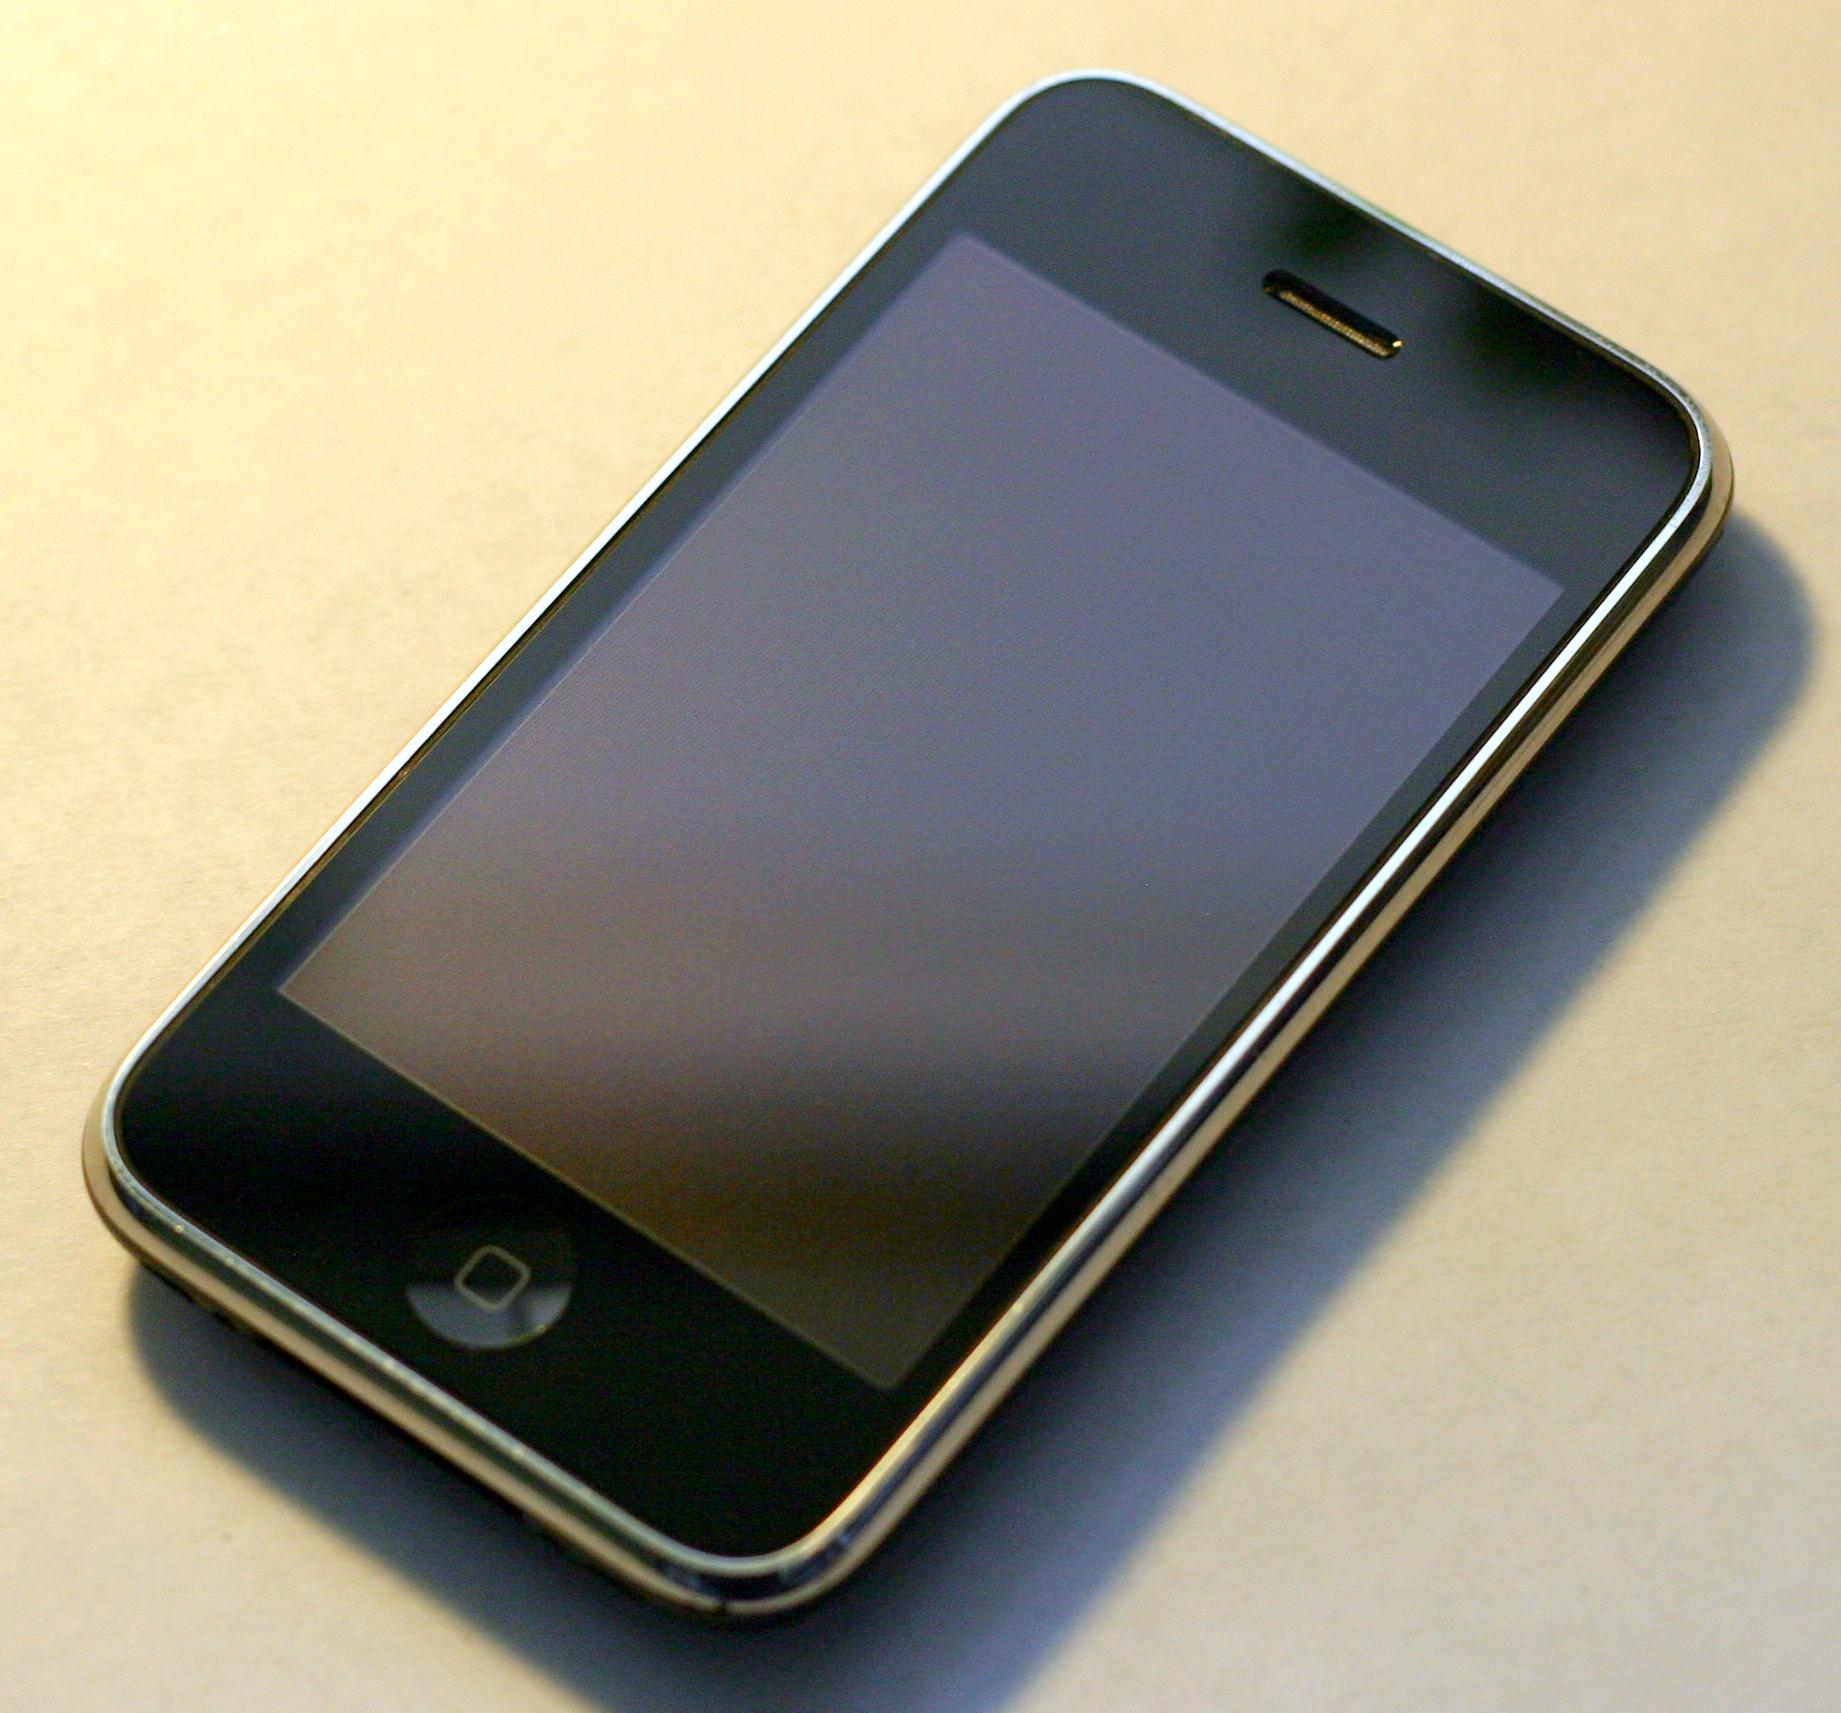 畫像 : 【iPhone】新機種発売間近!? みんな大好き!歴代iPhoneの性能と進化まとめ - NAVER まとめ